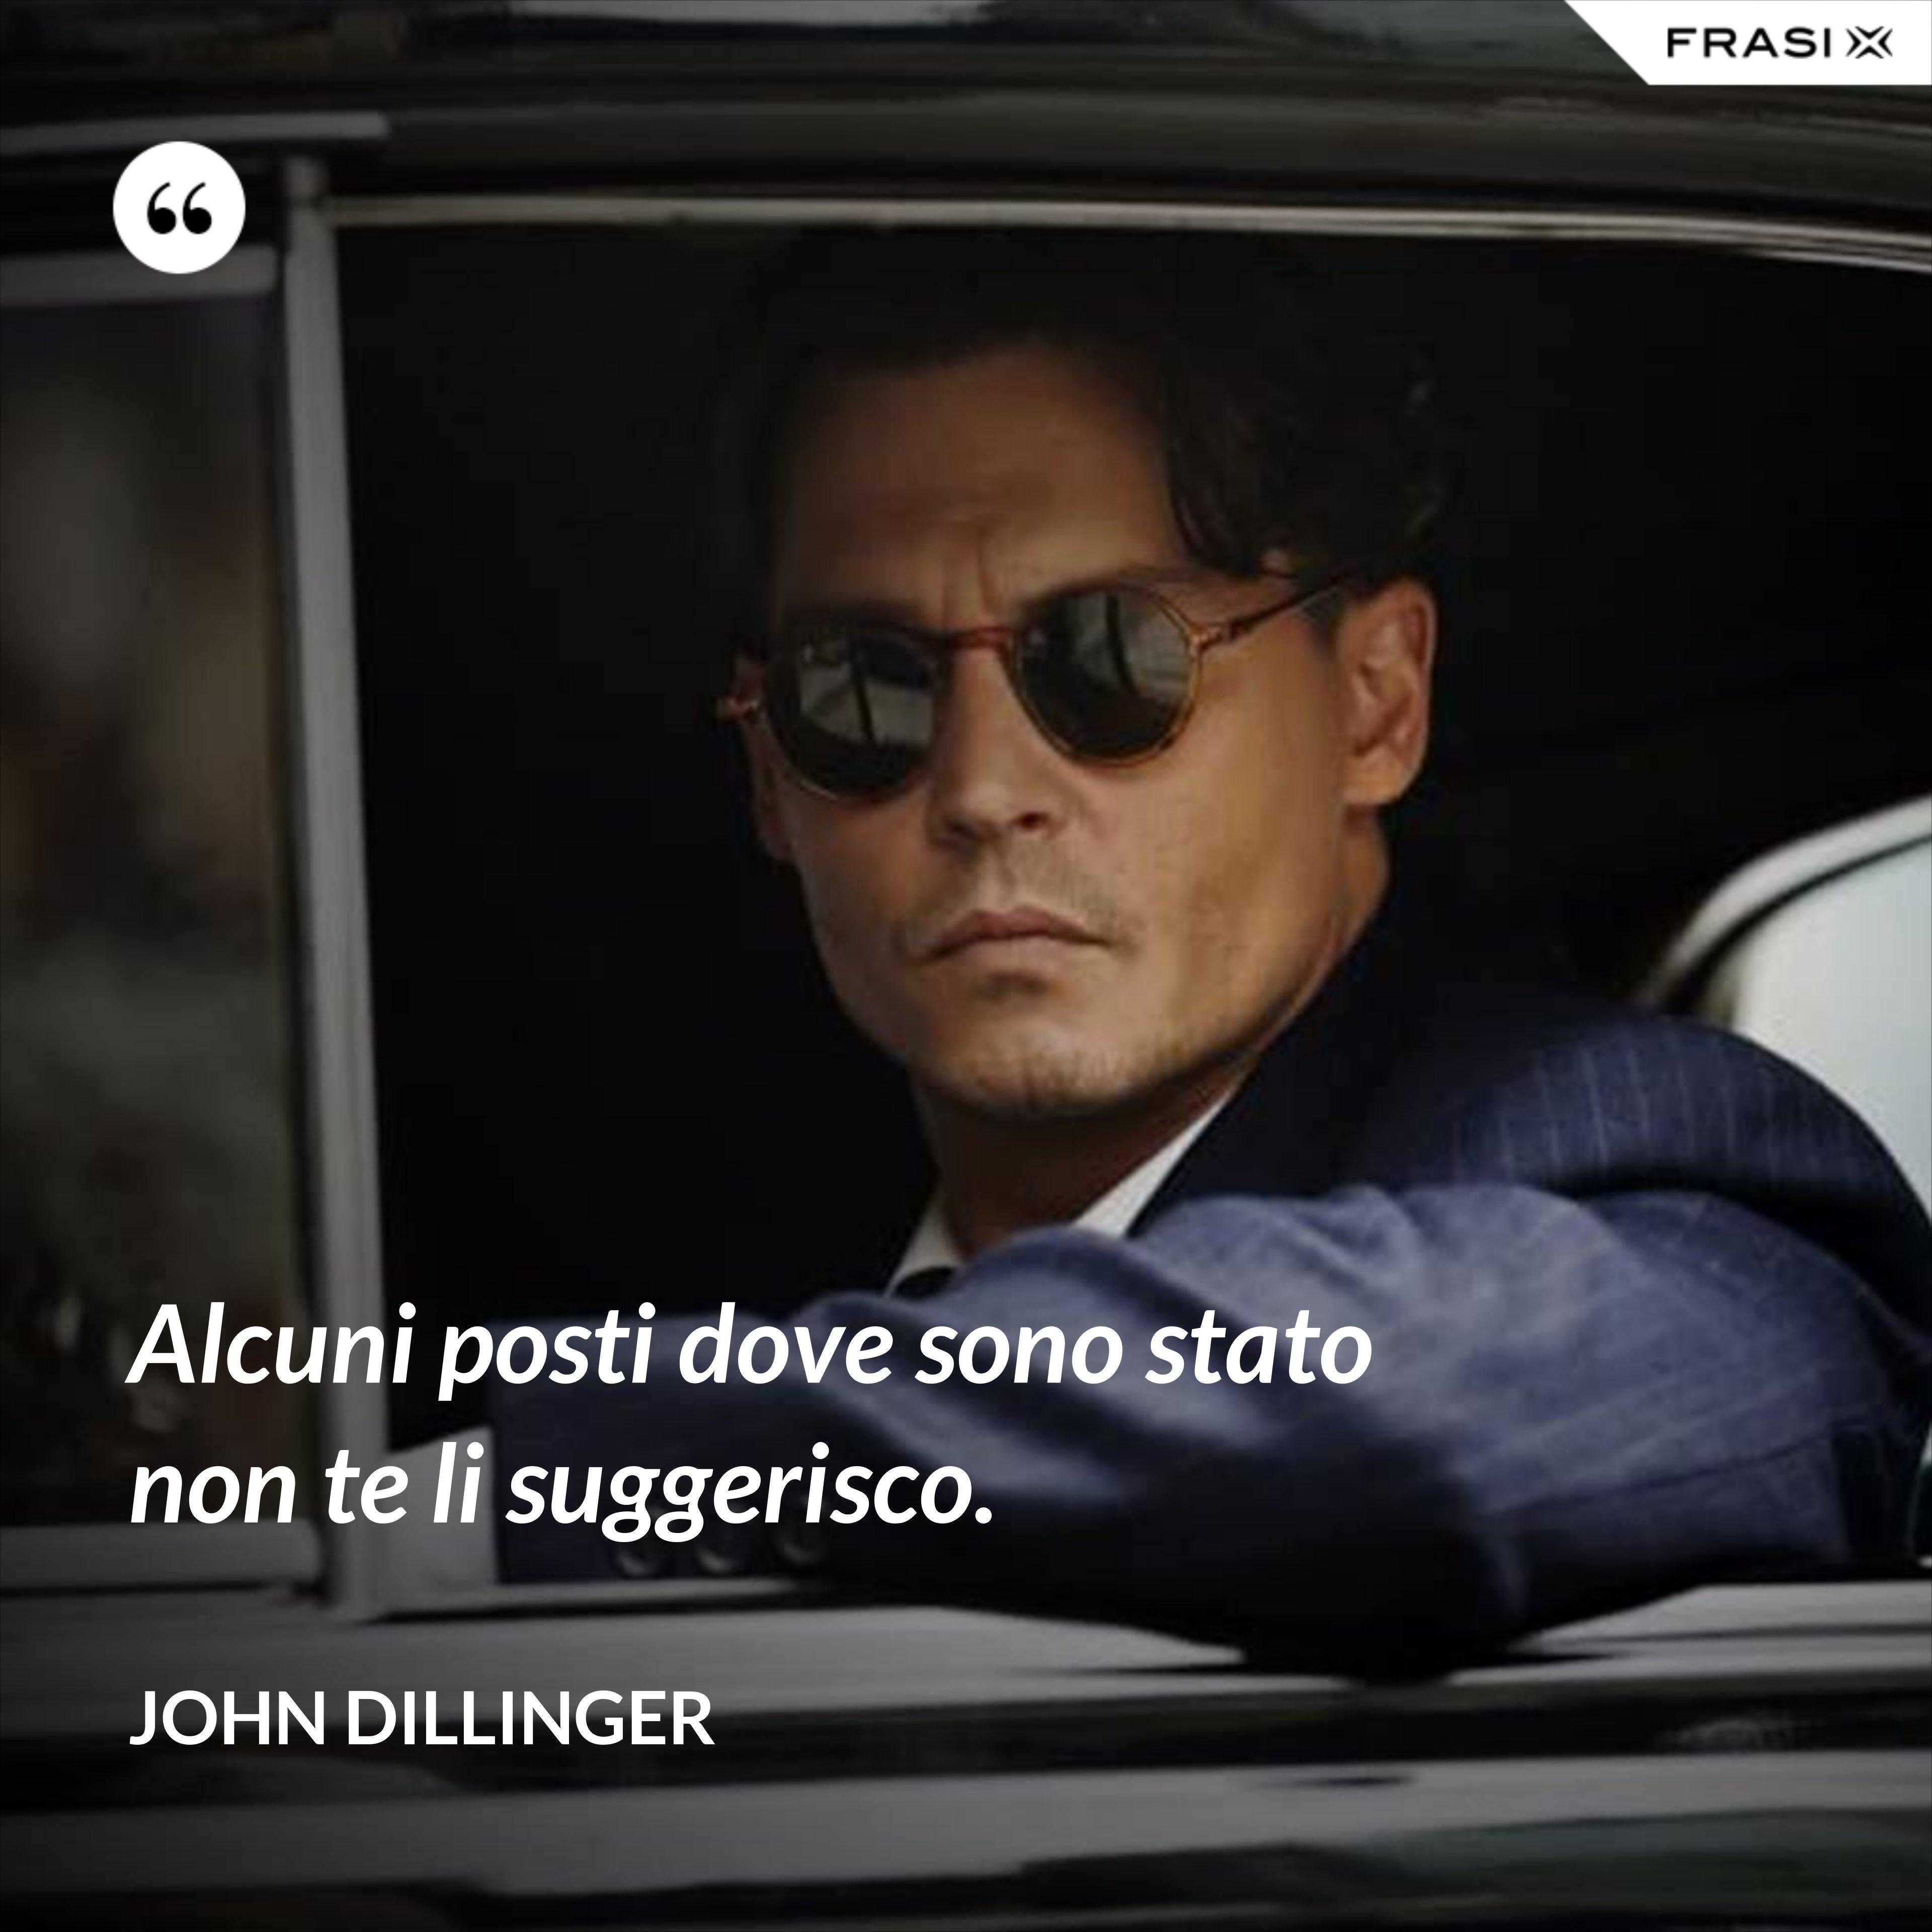 Alcuni posti dove sono stato non te li suggerisco. - John Dillinger